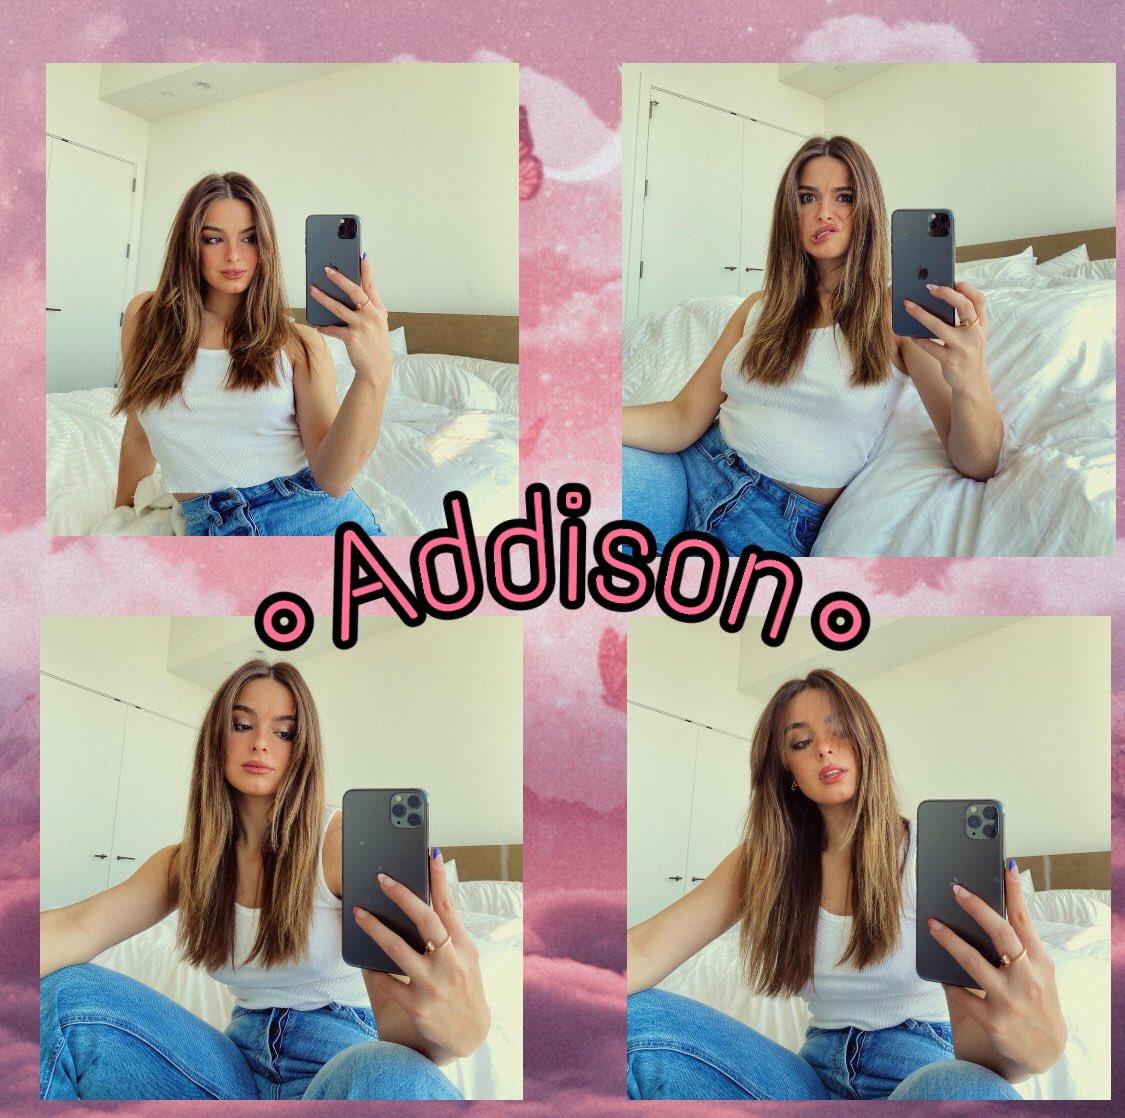 @whoisaddison 🥵🤚🏾 #topface2021 #addisonrae #loveallbodys #blm #Trending #twitter #trend #tiktok